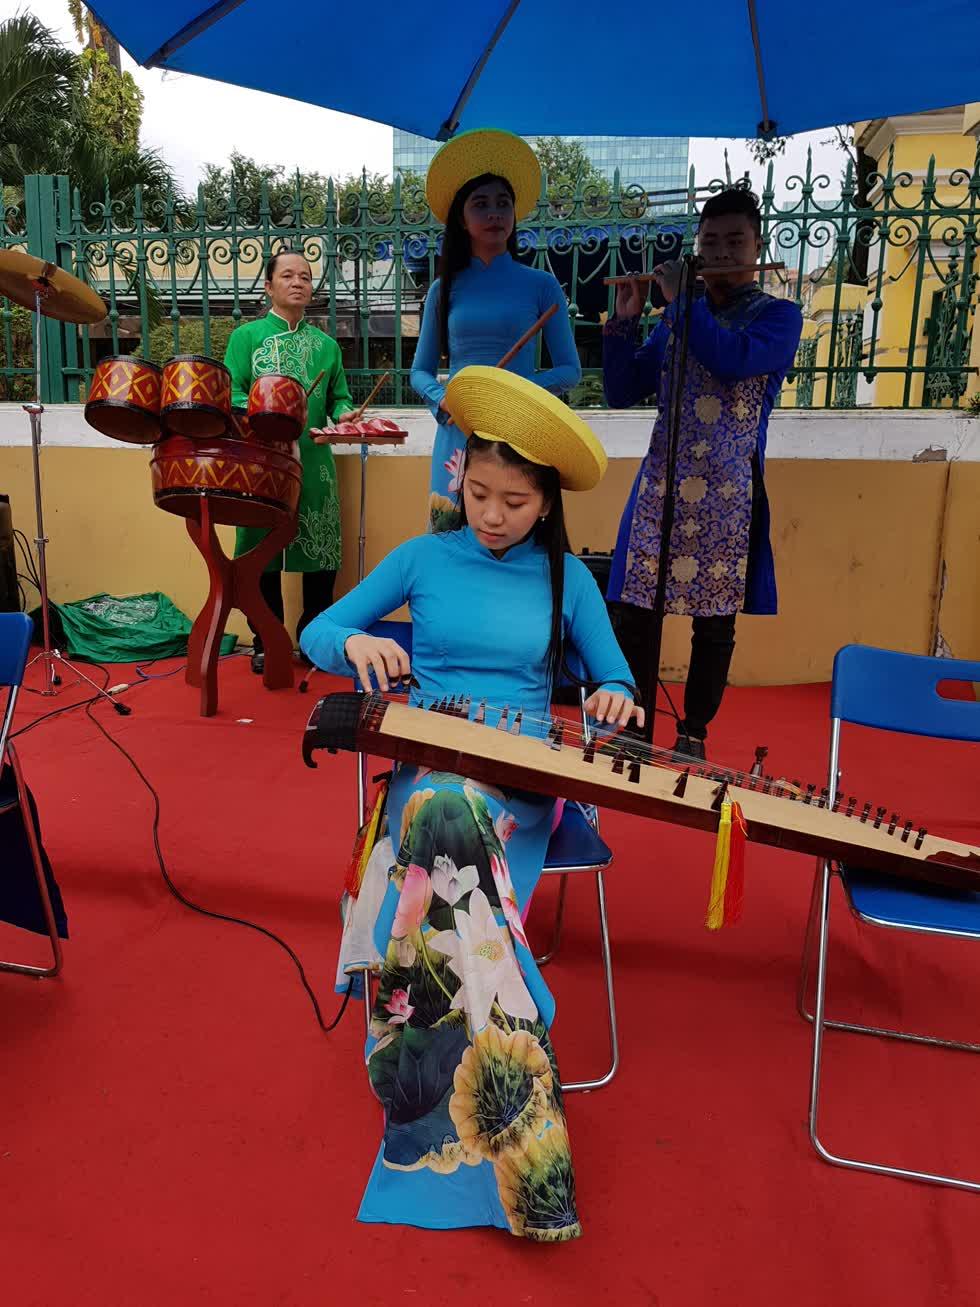 Thùy Trang chơi đàn trước bưu điện Thành phố - Ảnh: Cẩm Viên